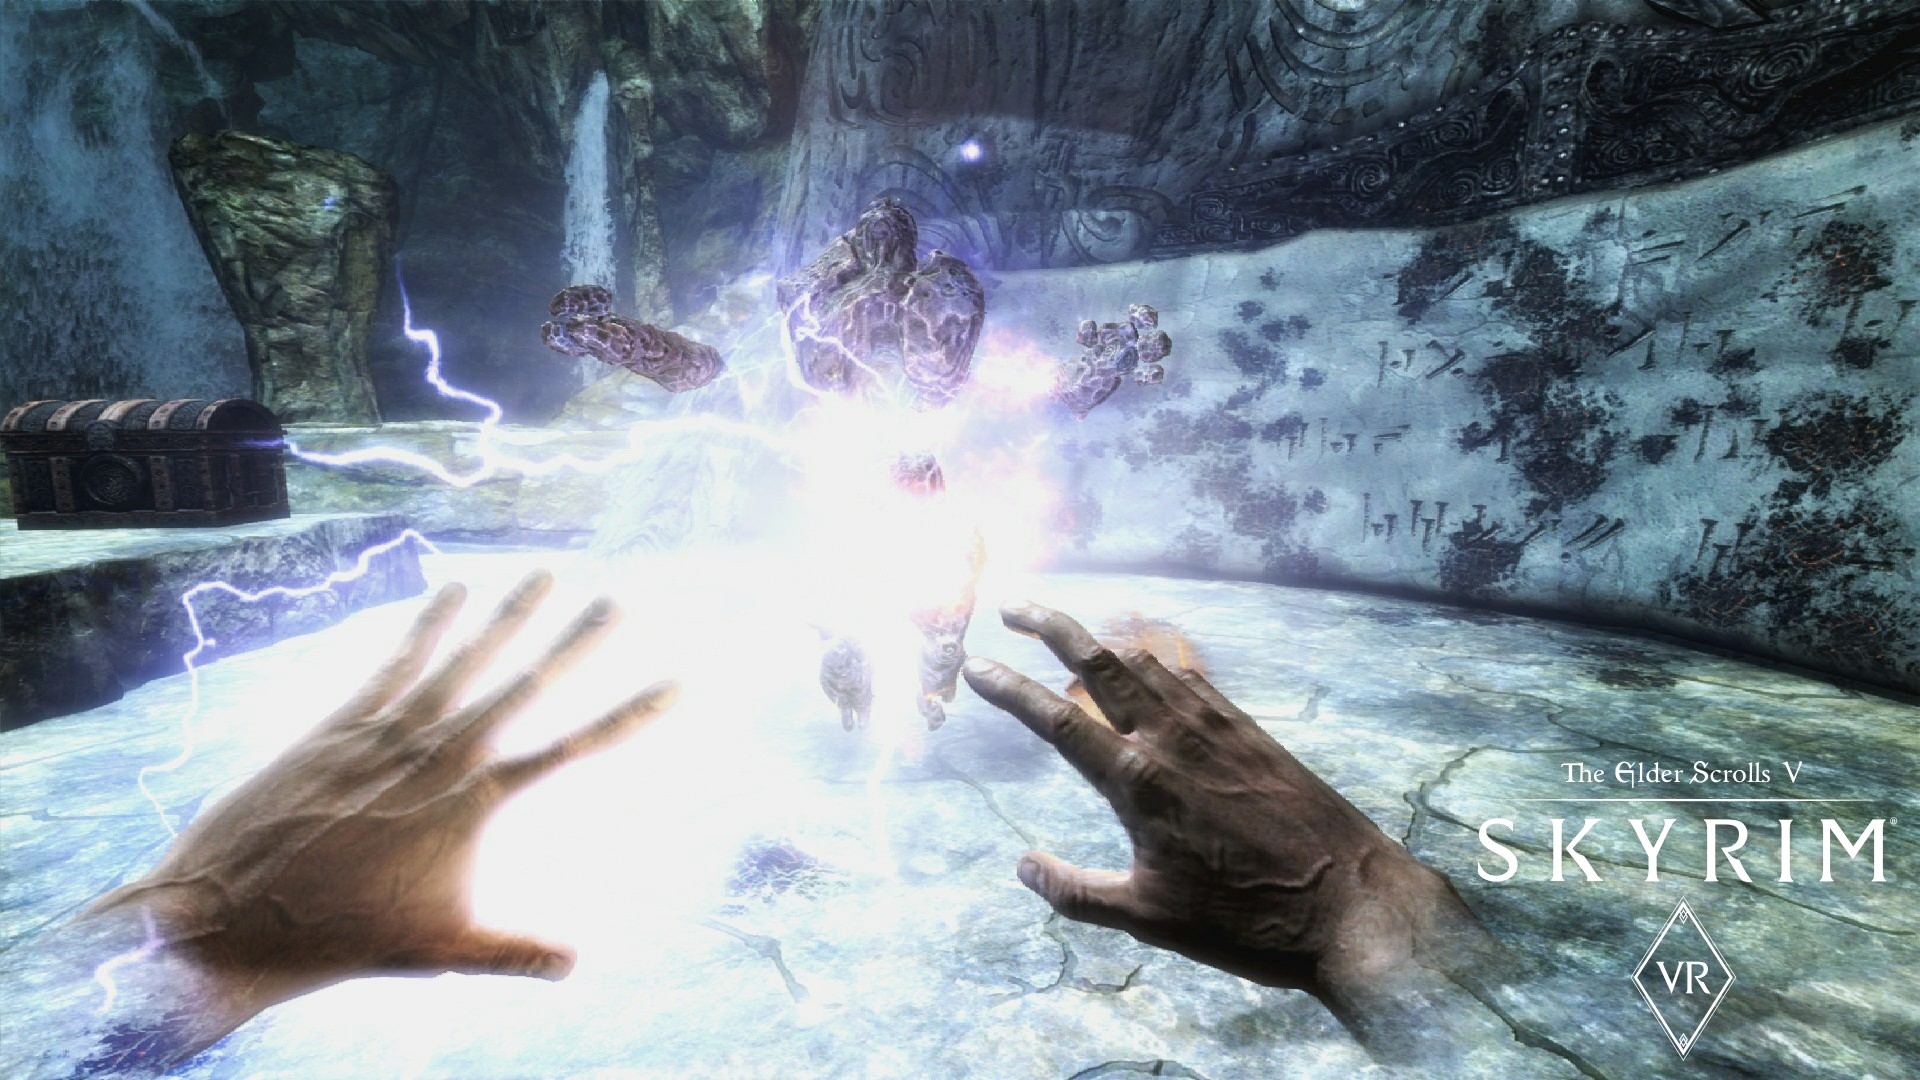 The Elder Scrolls V: Skyrim VR_body_1